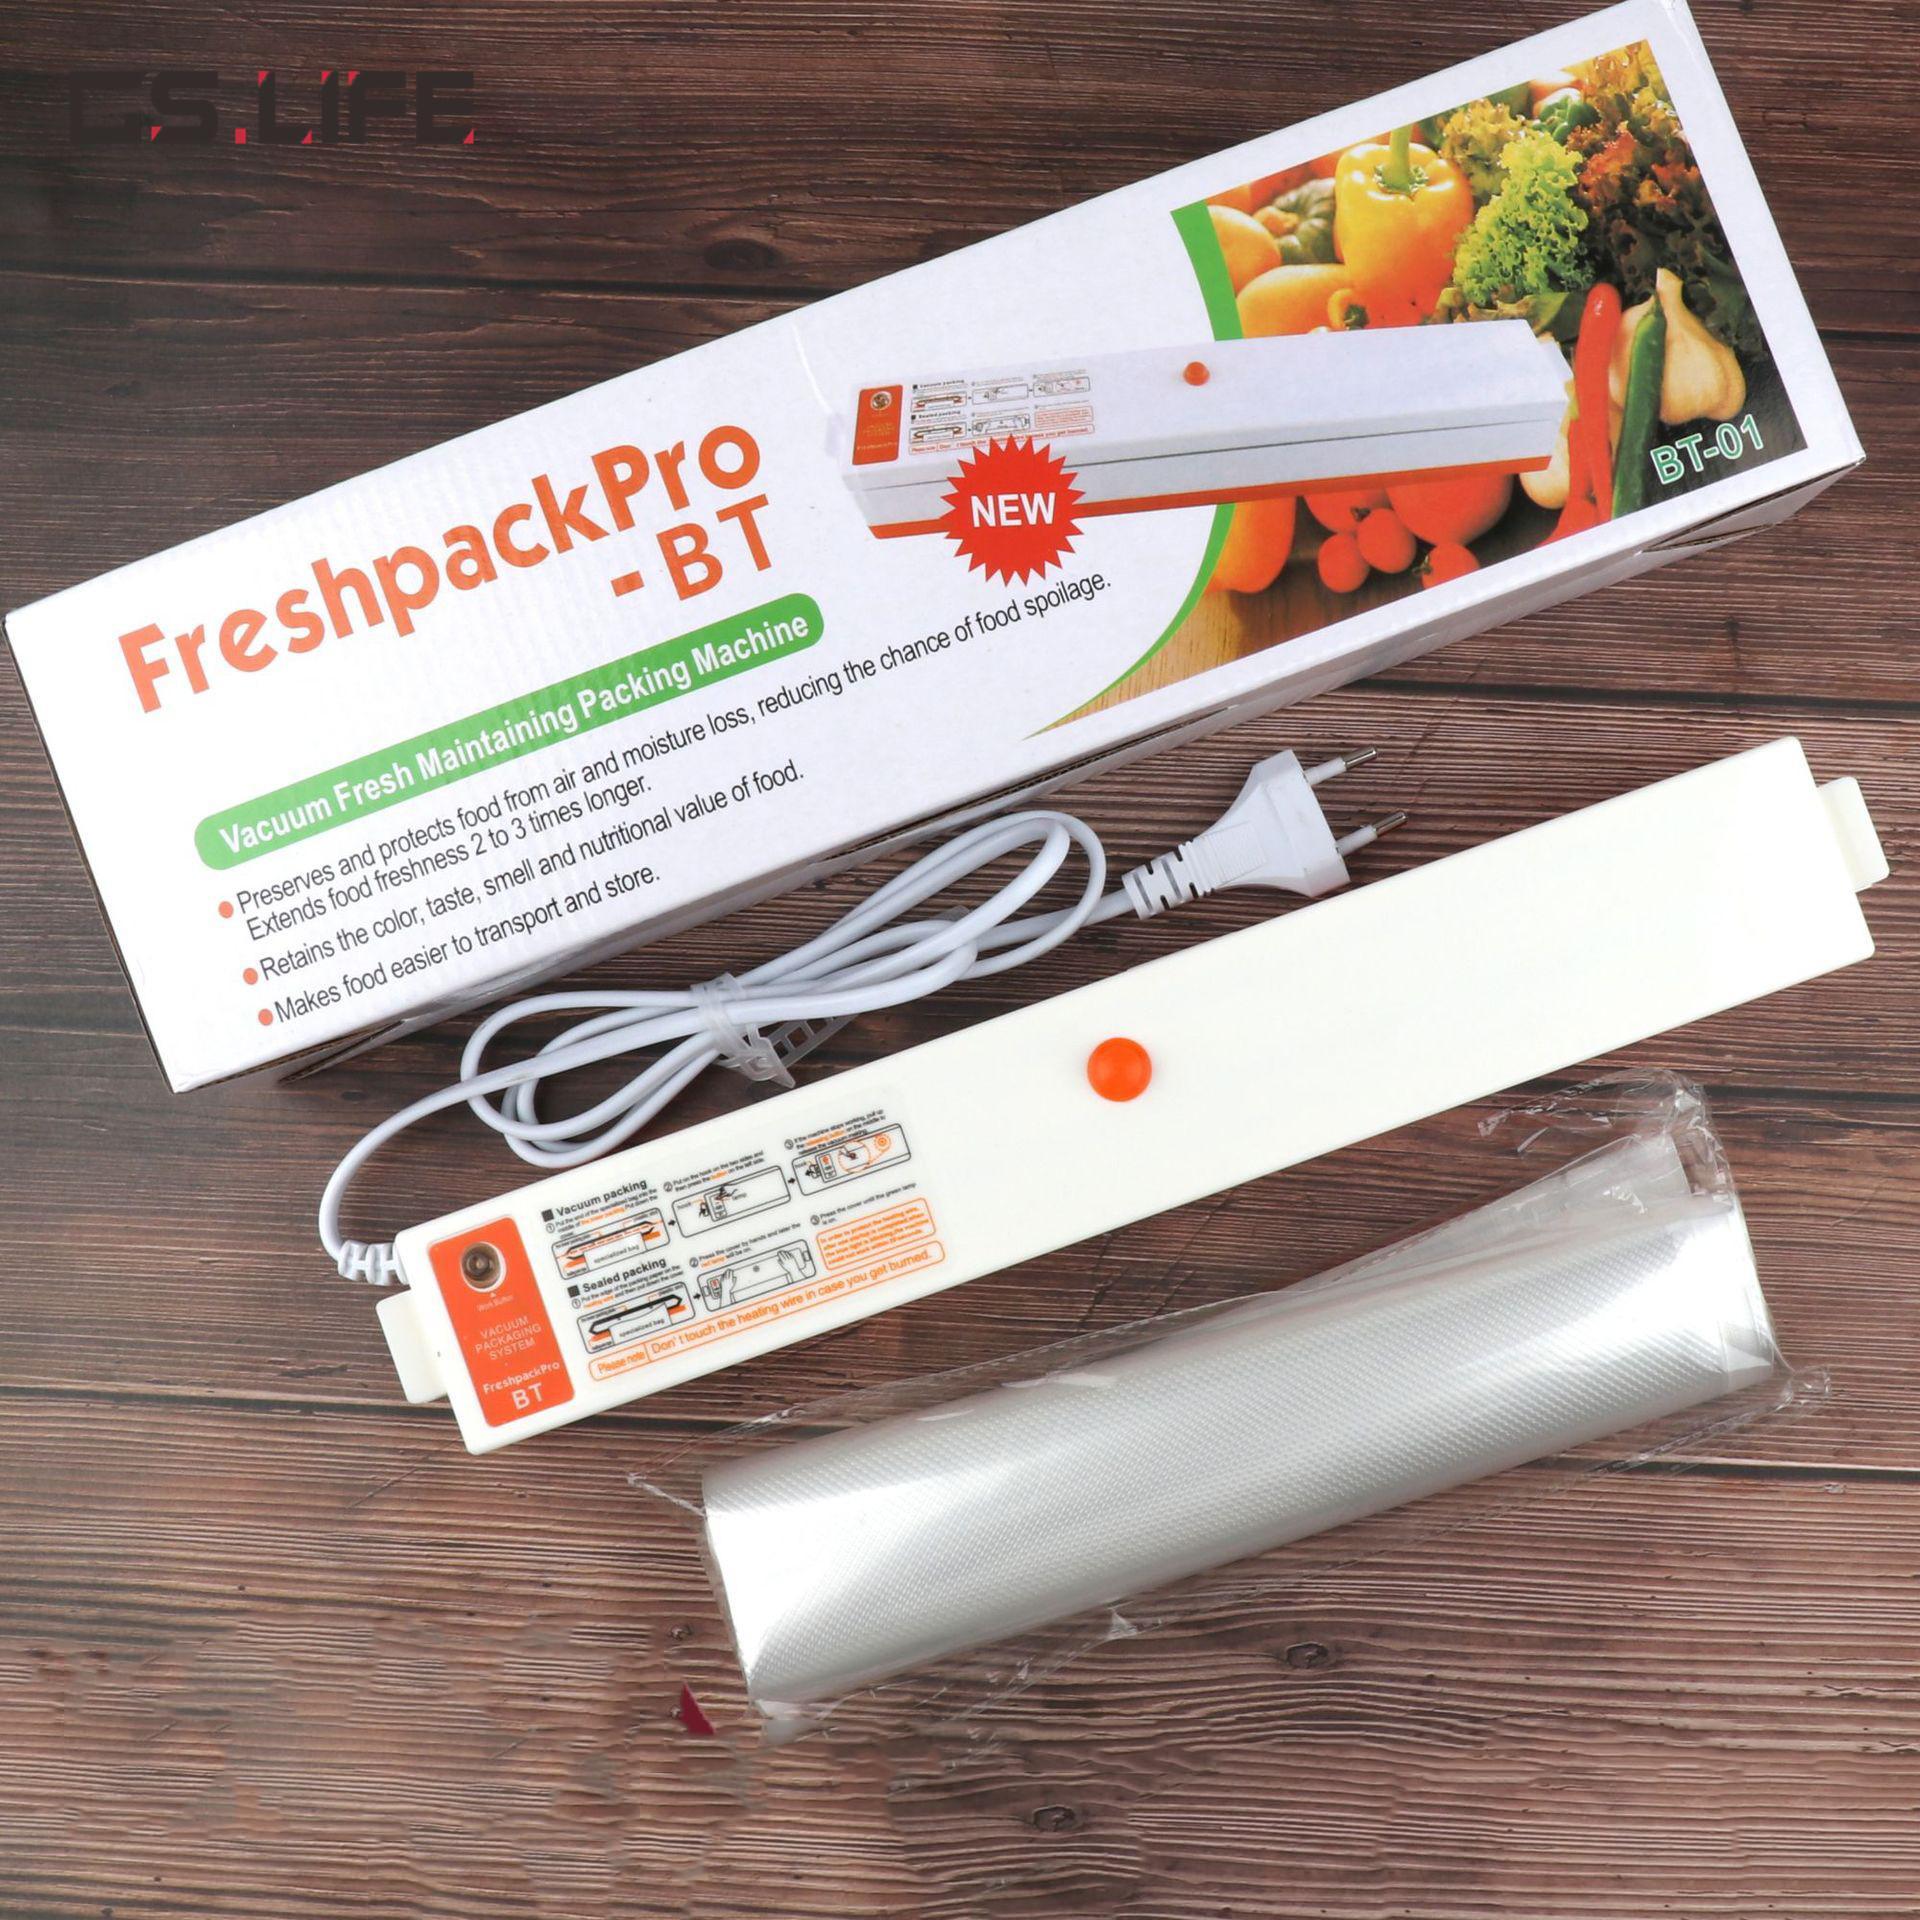 XINBAOLONG Sottovuoto per uso domestico 110 V / 220 V Sottovuoto elettrico Macchina per sigillare alimenti Confezionatrice sottovuoto EU US Plug